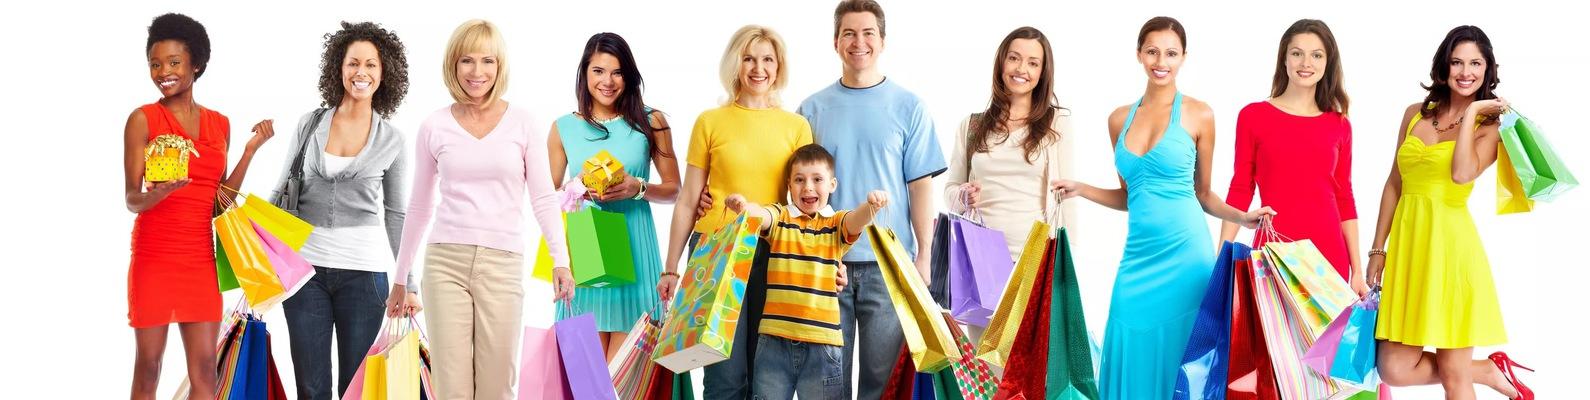 Днем, картинки с надписью товары для всей семьи